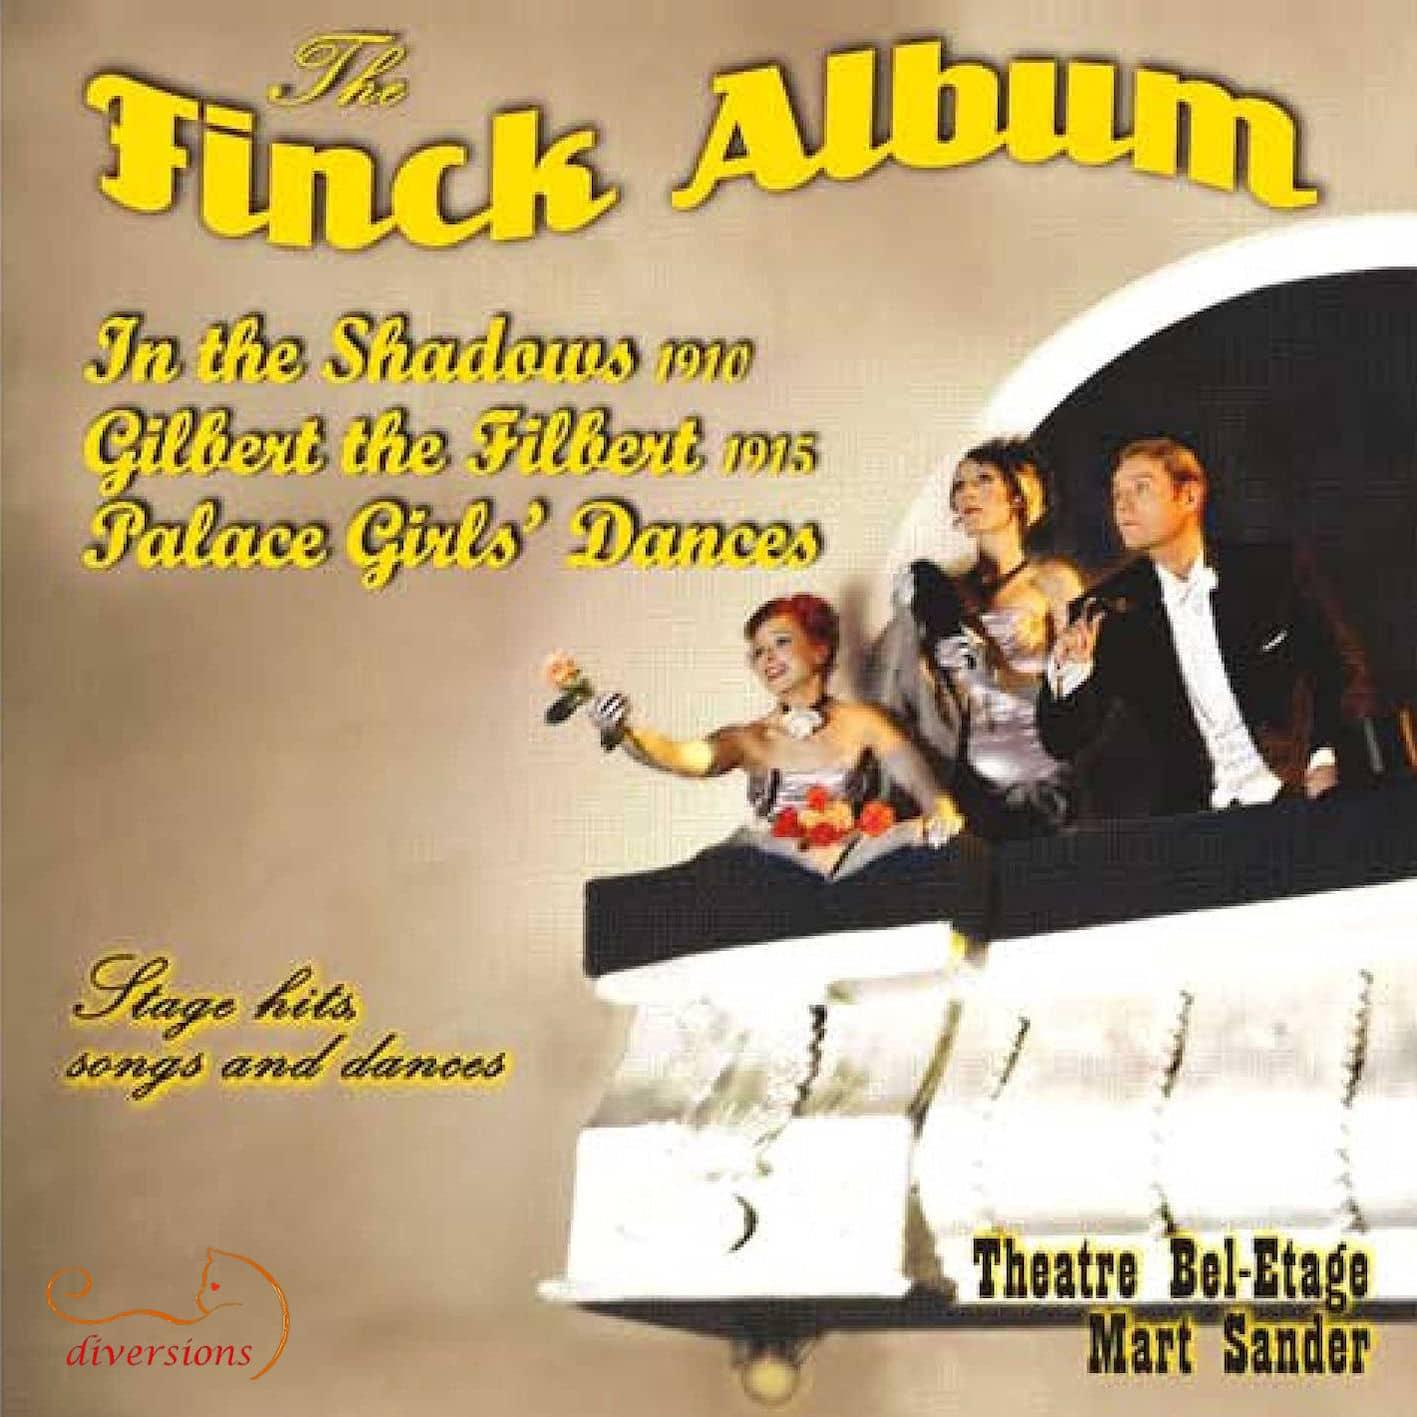 The Finck Album